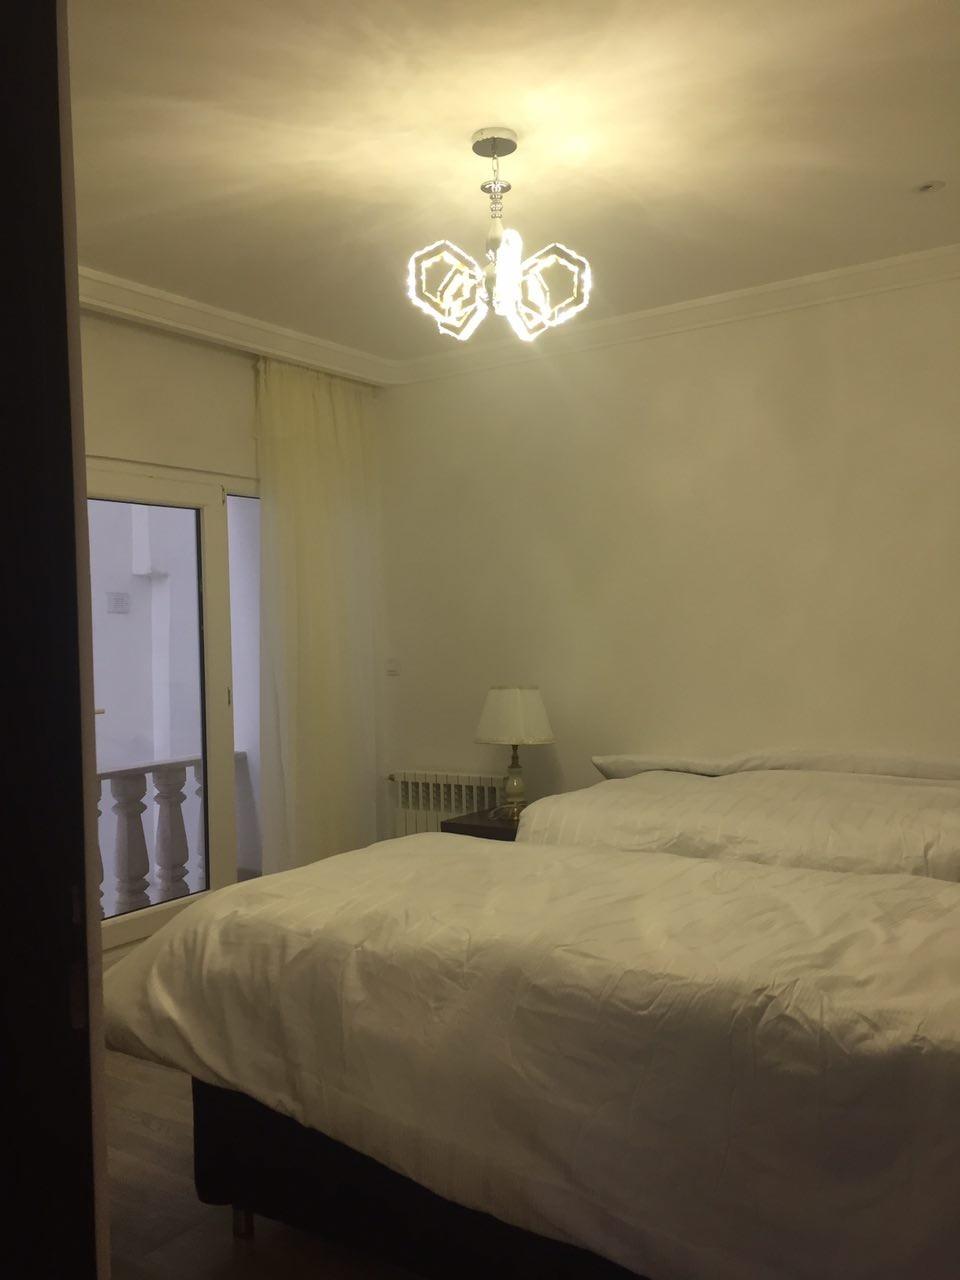 درون شهری هتل سوئیت مبله در طالقانی متل قو